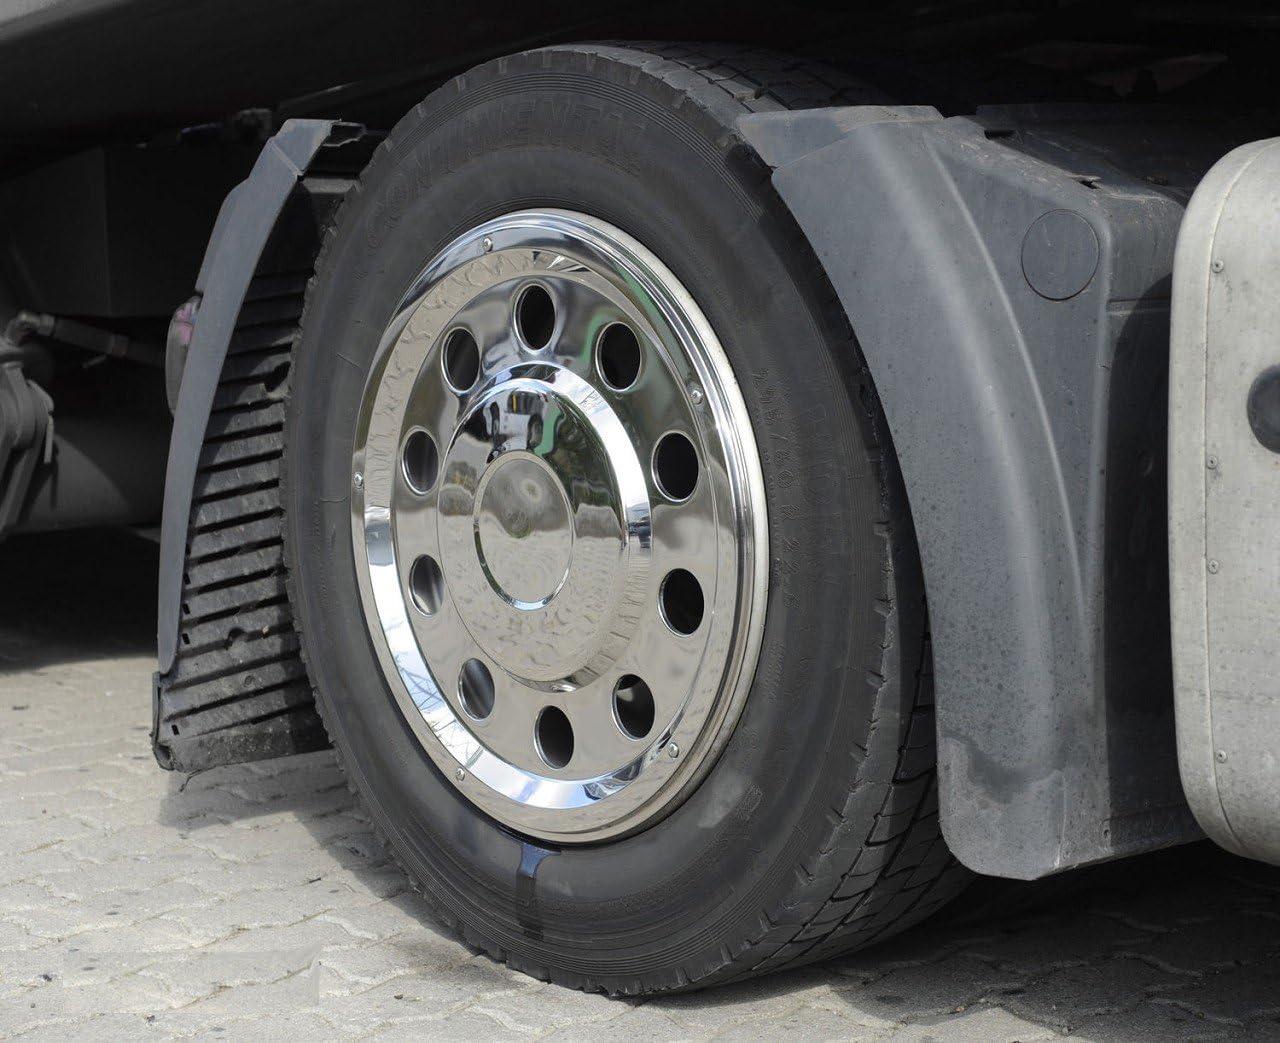 /Universal /recto para la eje trasero/ Camiones Tapacubos 22,5/pulgadas/